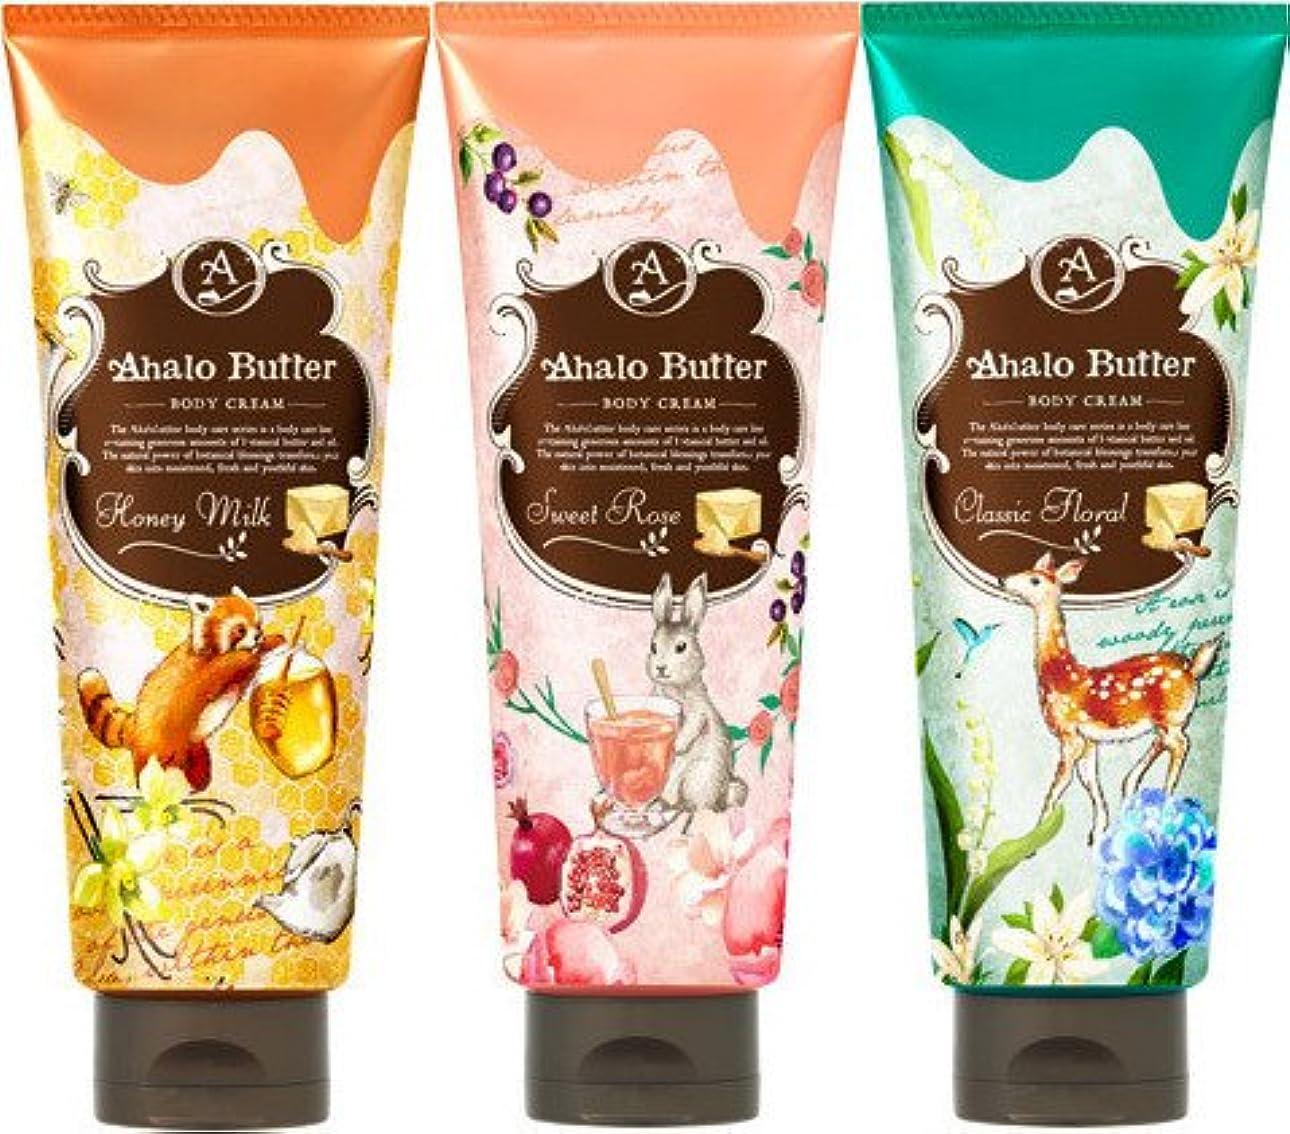 雑草砲撃デコレーション【3種セット】Ahalo butter(アハロバター) ボディクリーム 150g